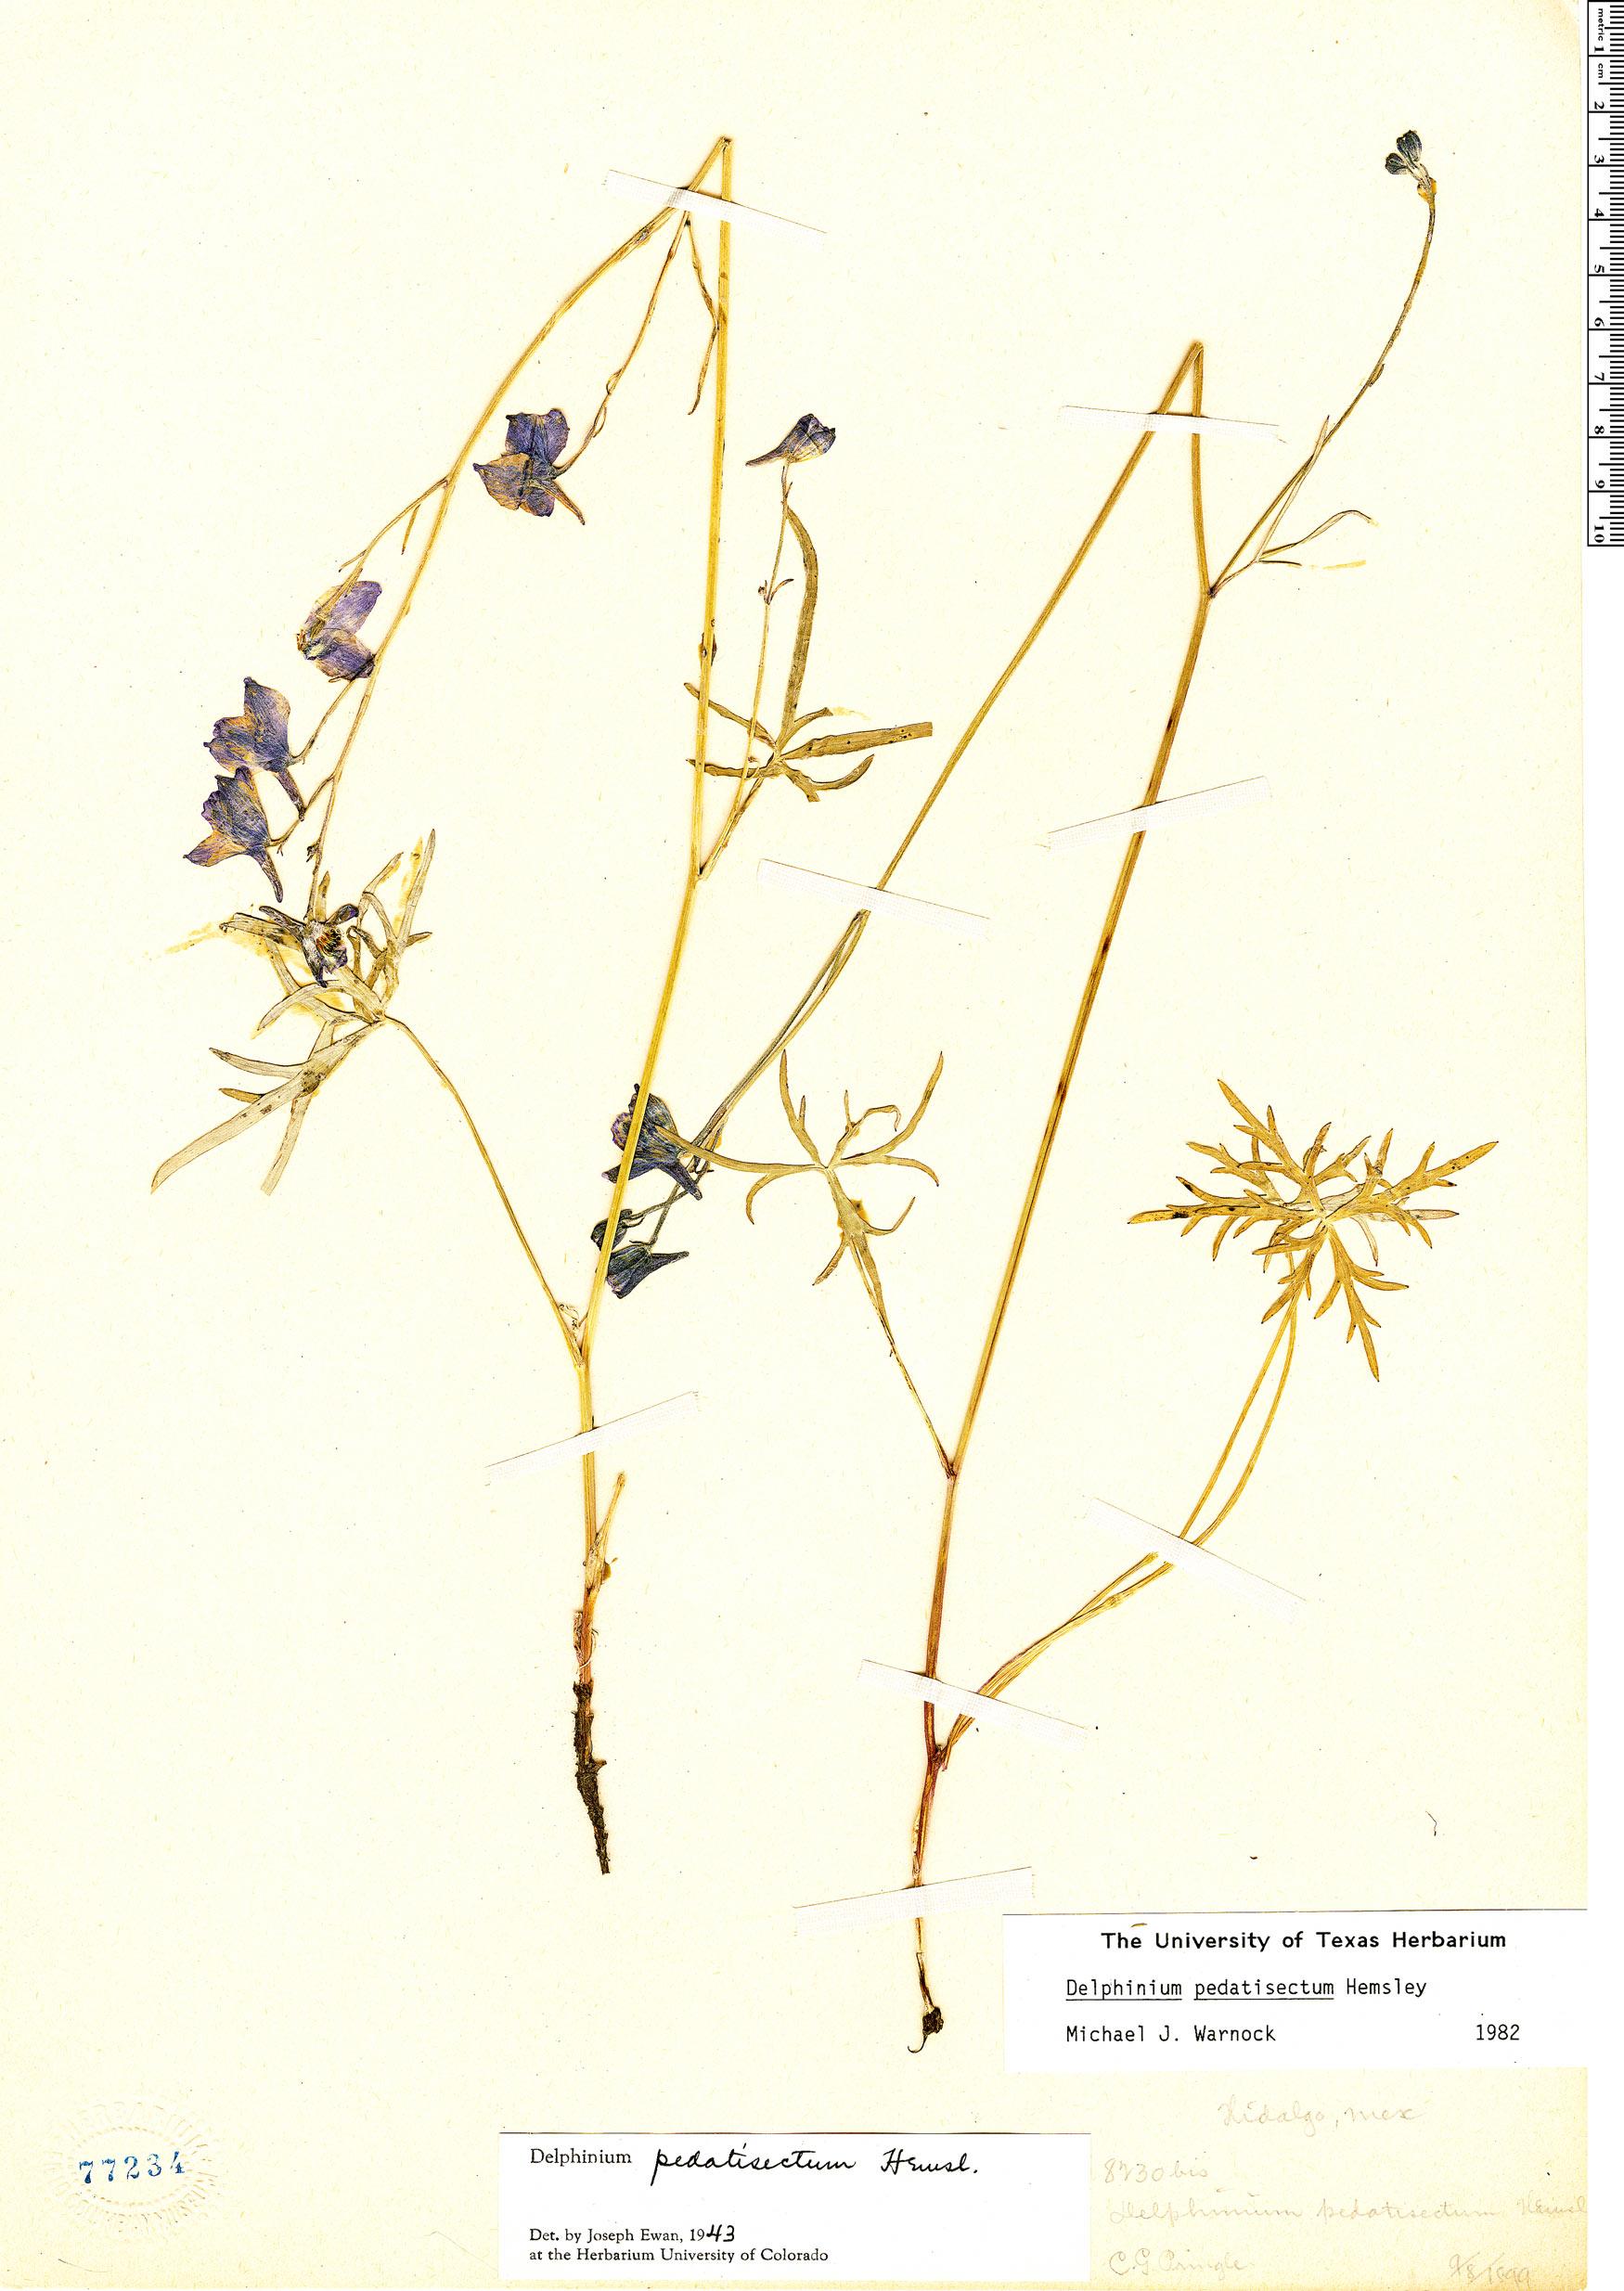 Specimen: Delphinium pedatisectum